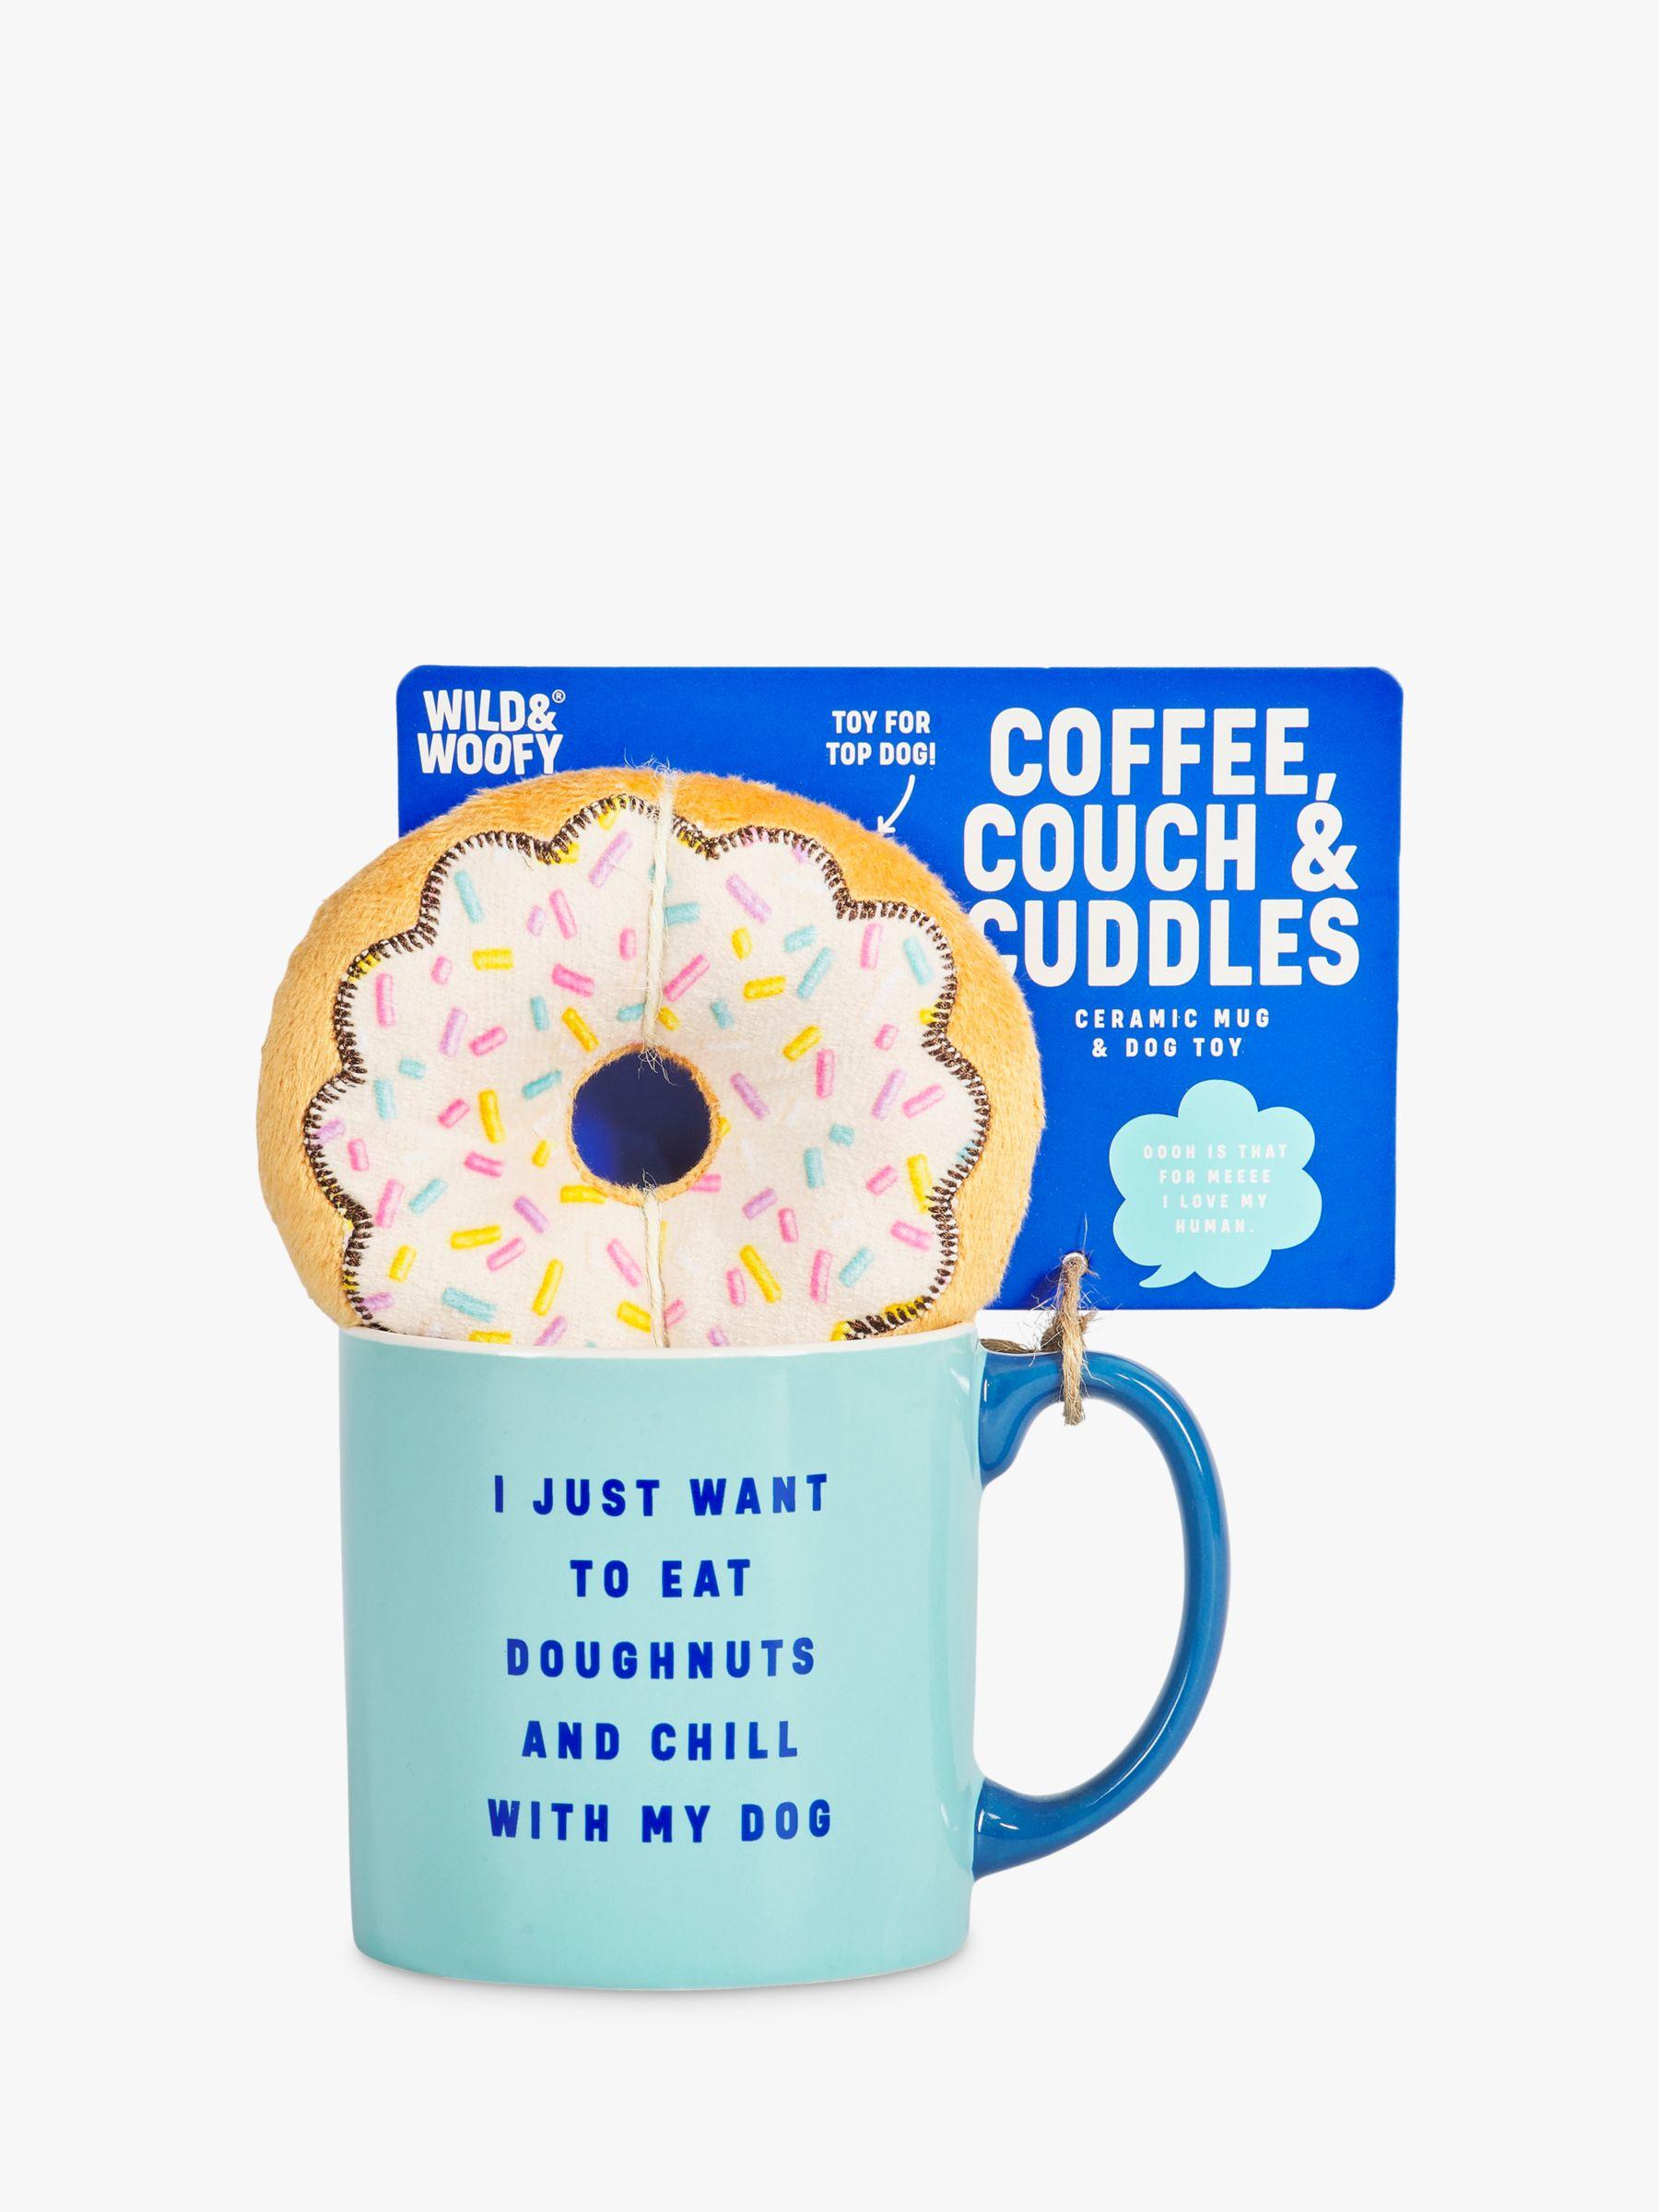 Wild & Woofy Doughnut Mug & Dog Toy Set